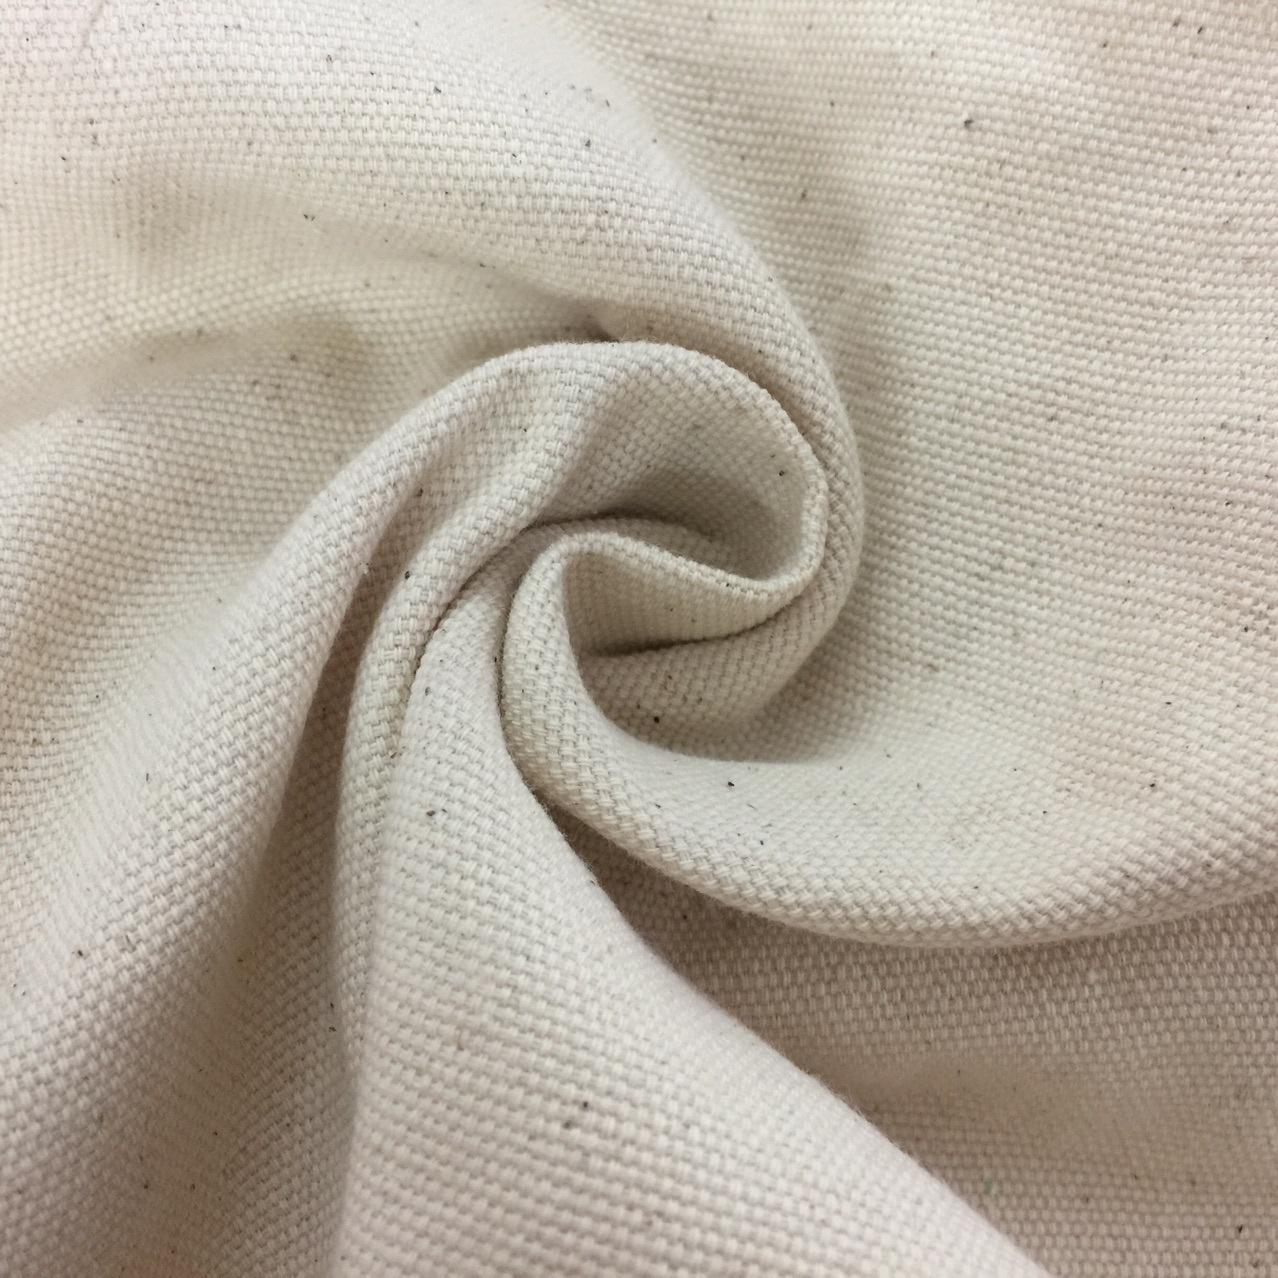 RUILISI Vải Cotton mộc Vải cotton màu xám vải thô Màu trắng vải thô Các nhà sản xuất cung cấp Vải co